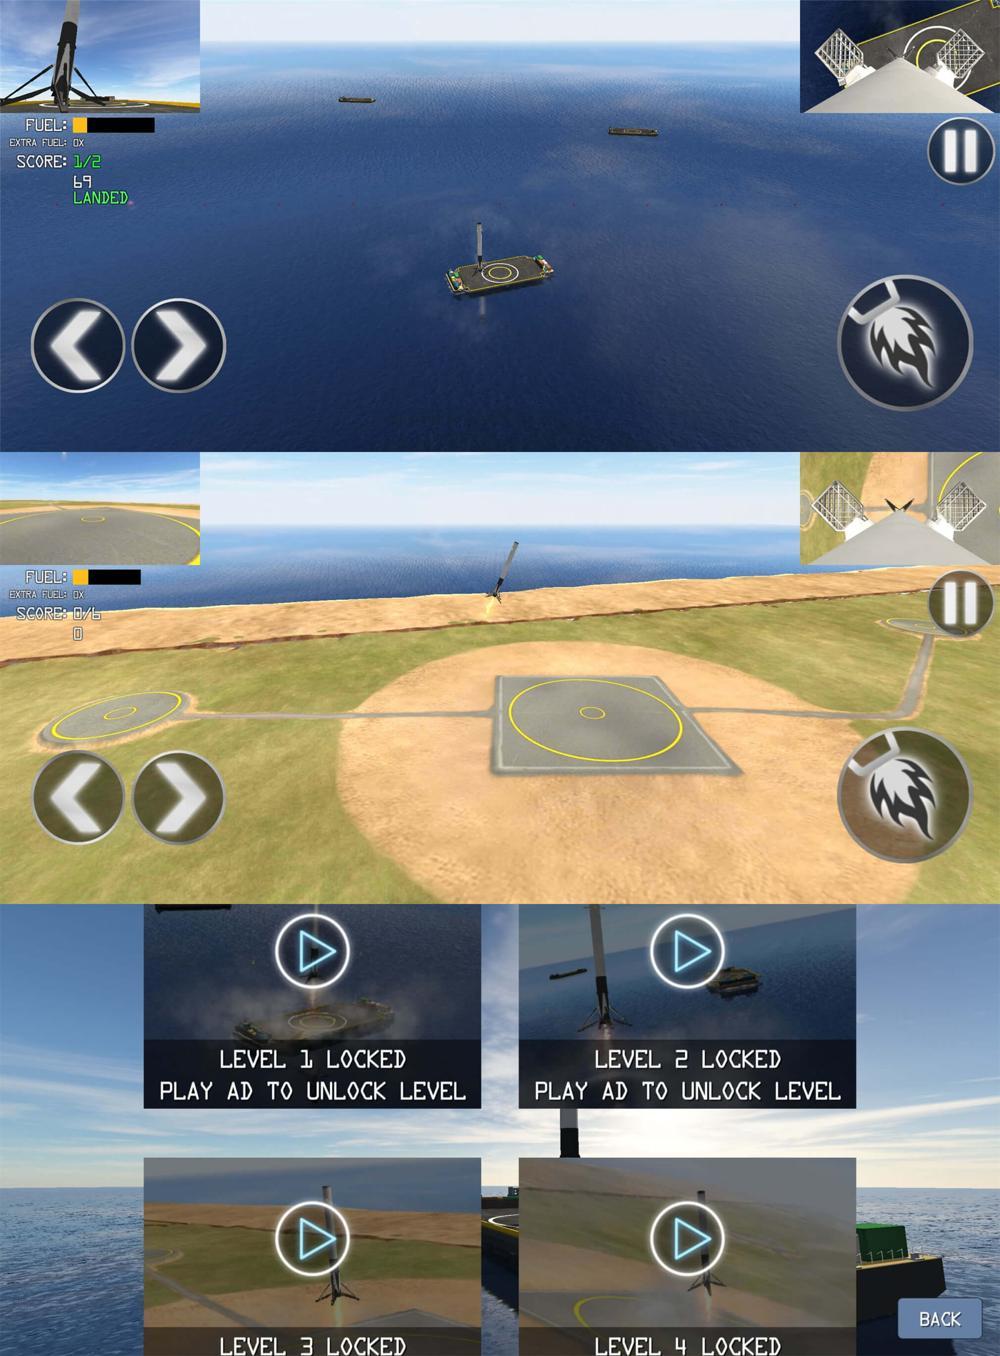 飞行模拟游戏 一级着陆模拟器